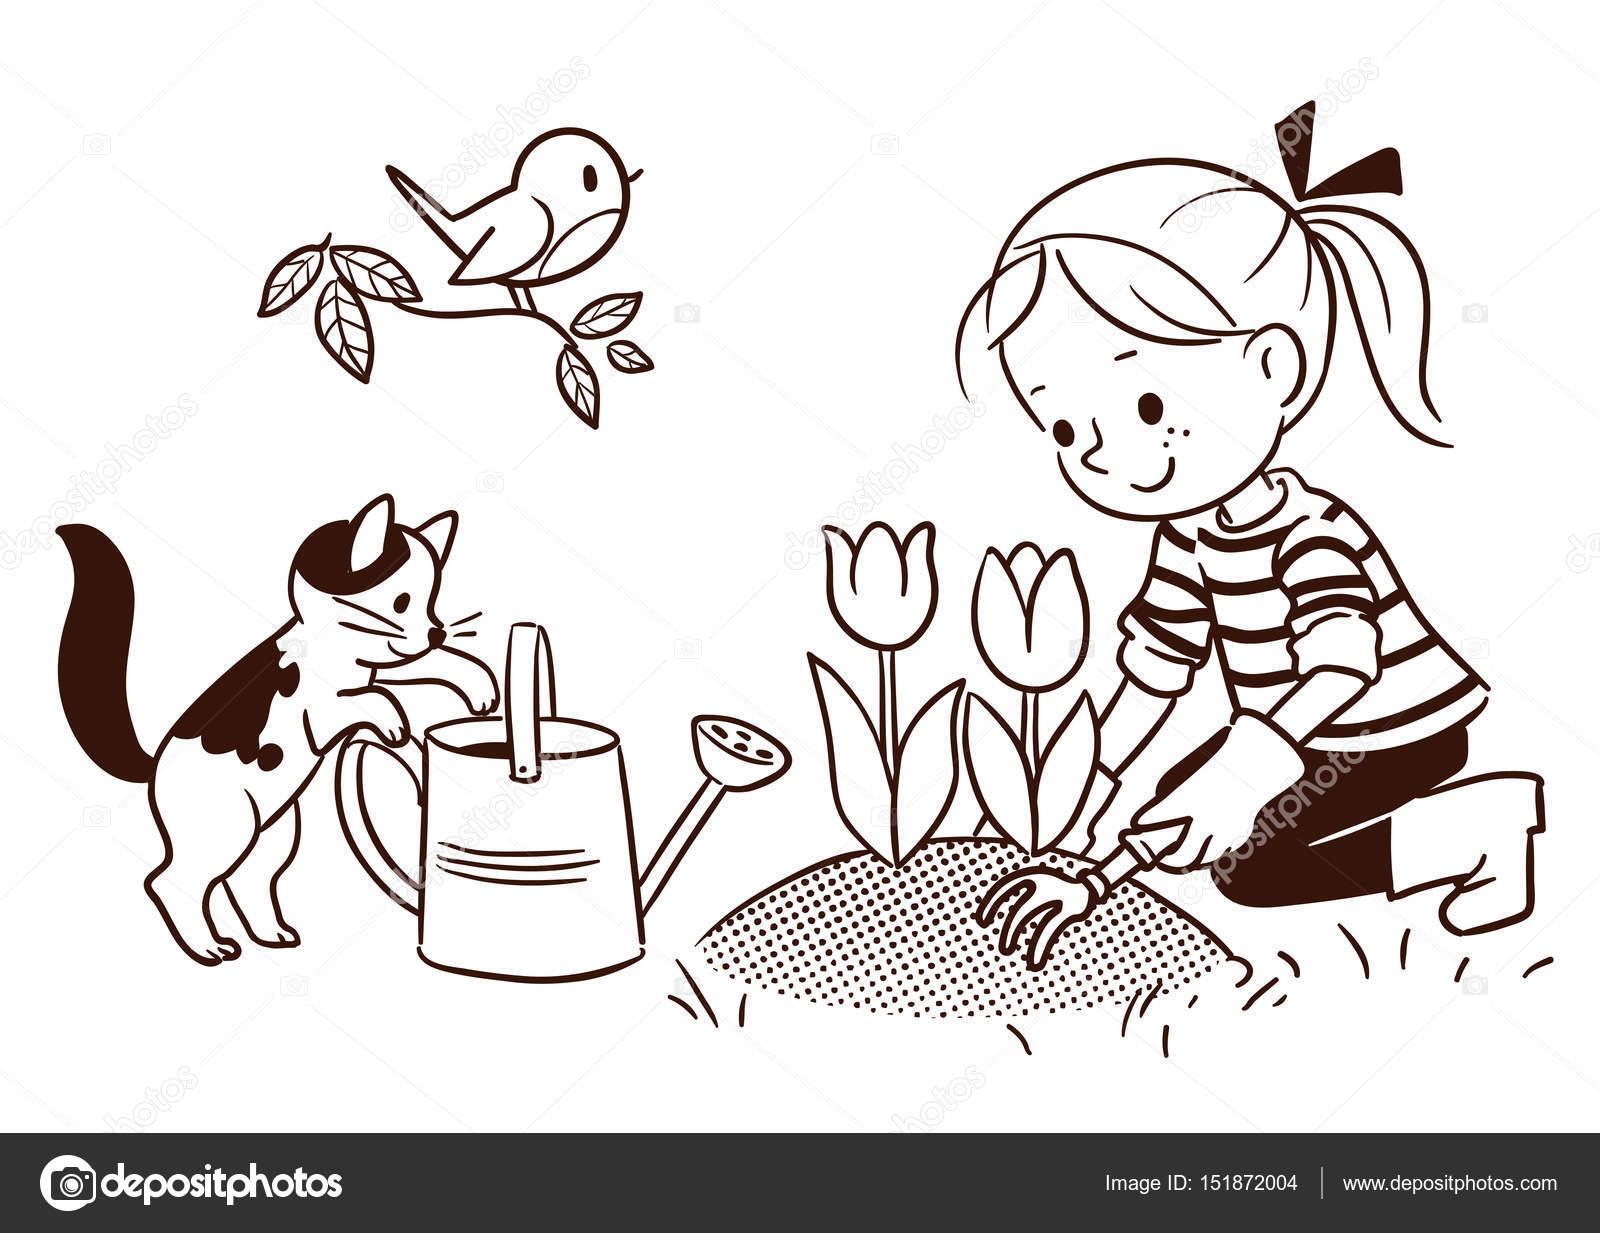 Küçük Bir Kızın Bahar Bahçe çizim çizgi çizgi Film Stok Vektör